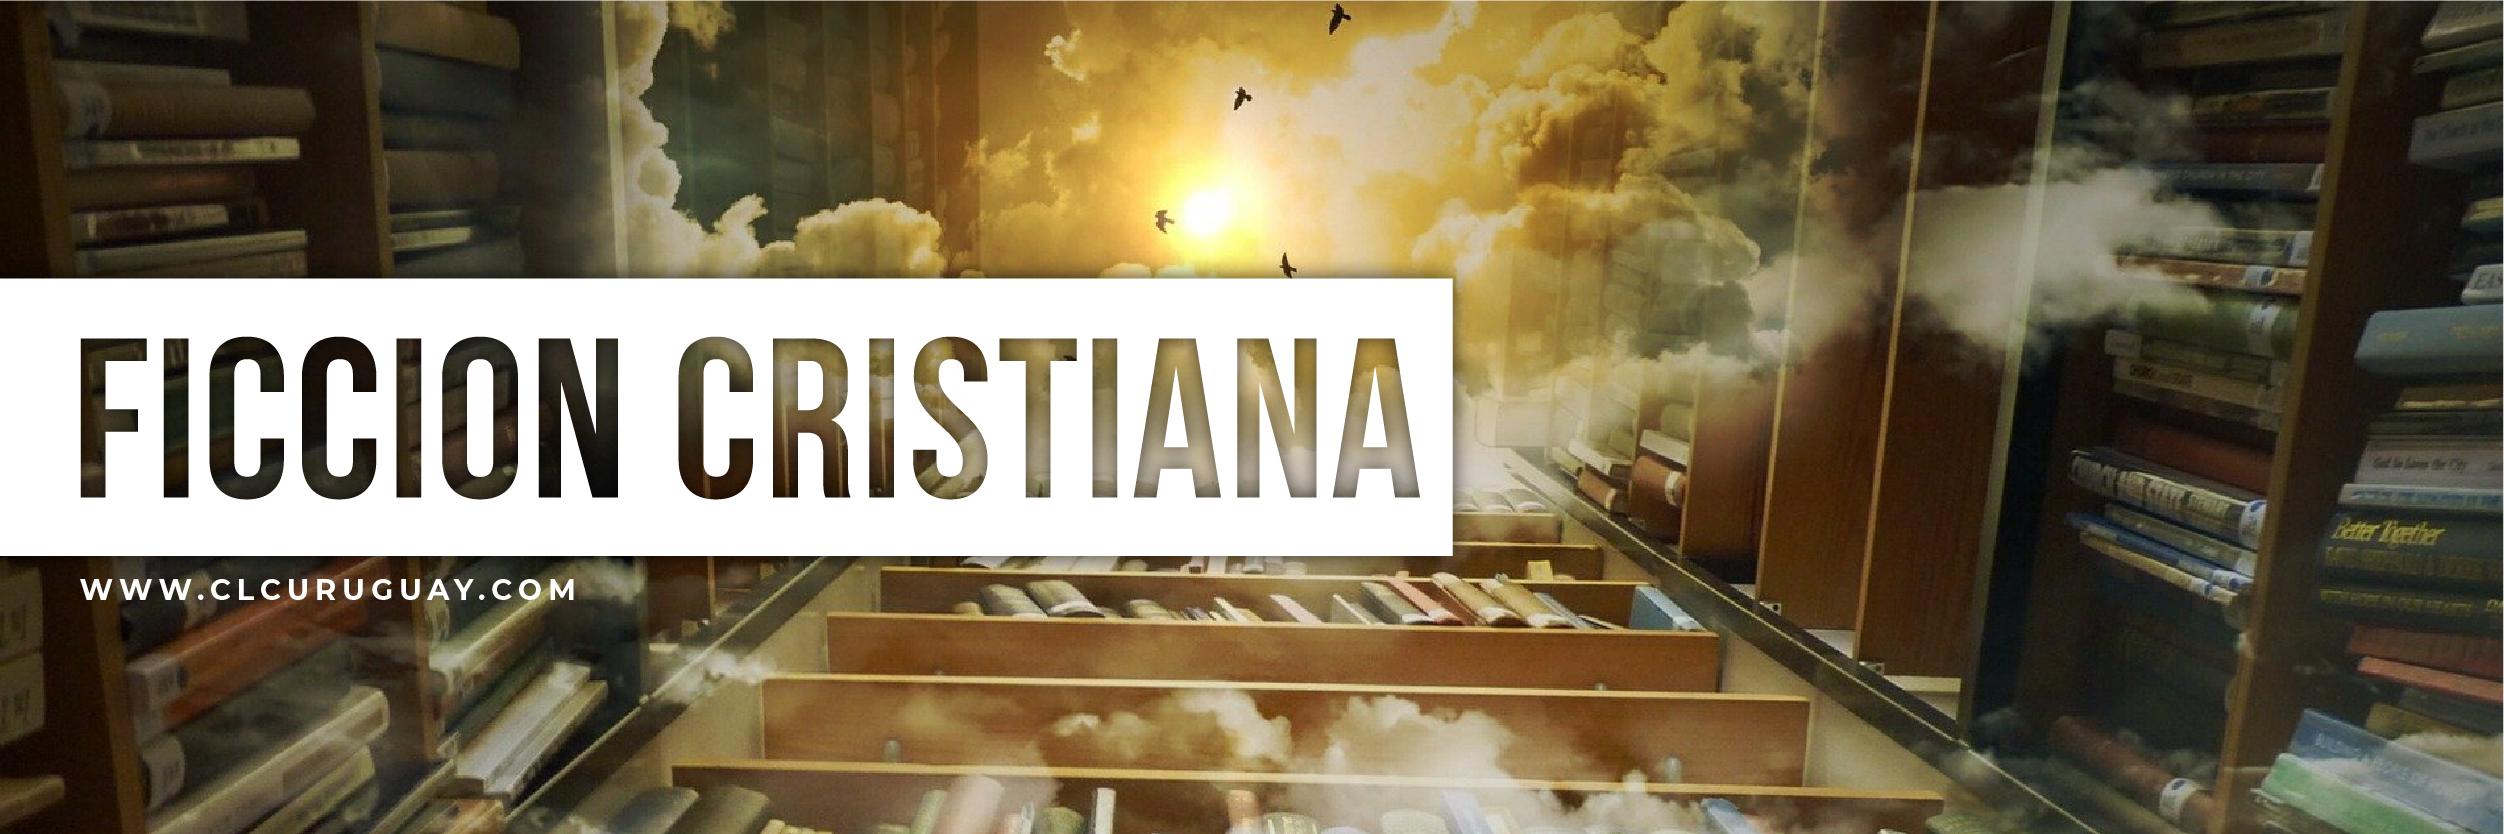 Libros de Ficción Cristiana